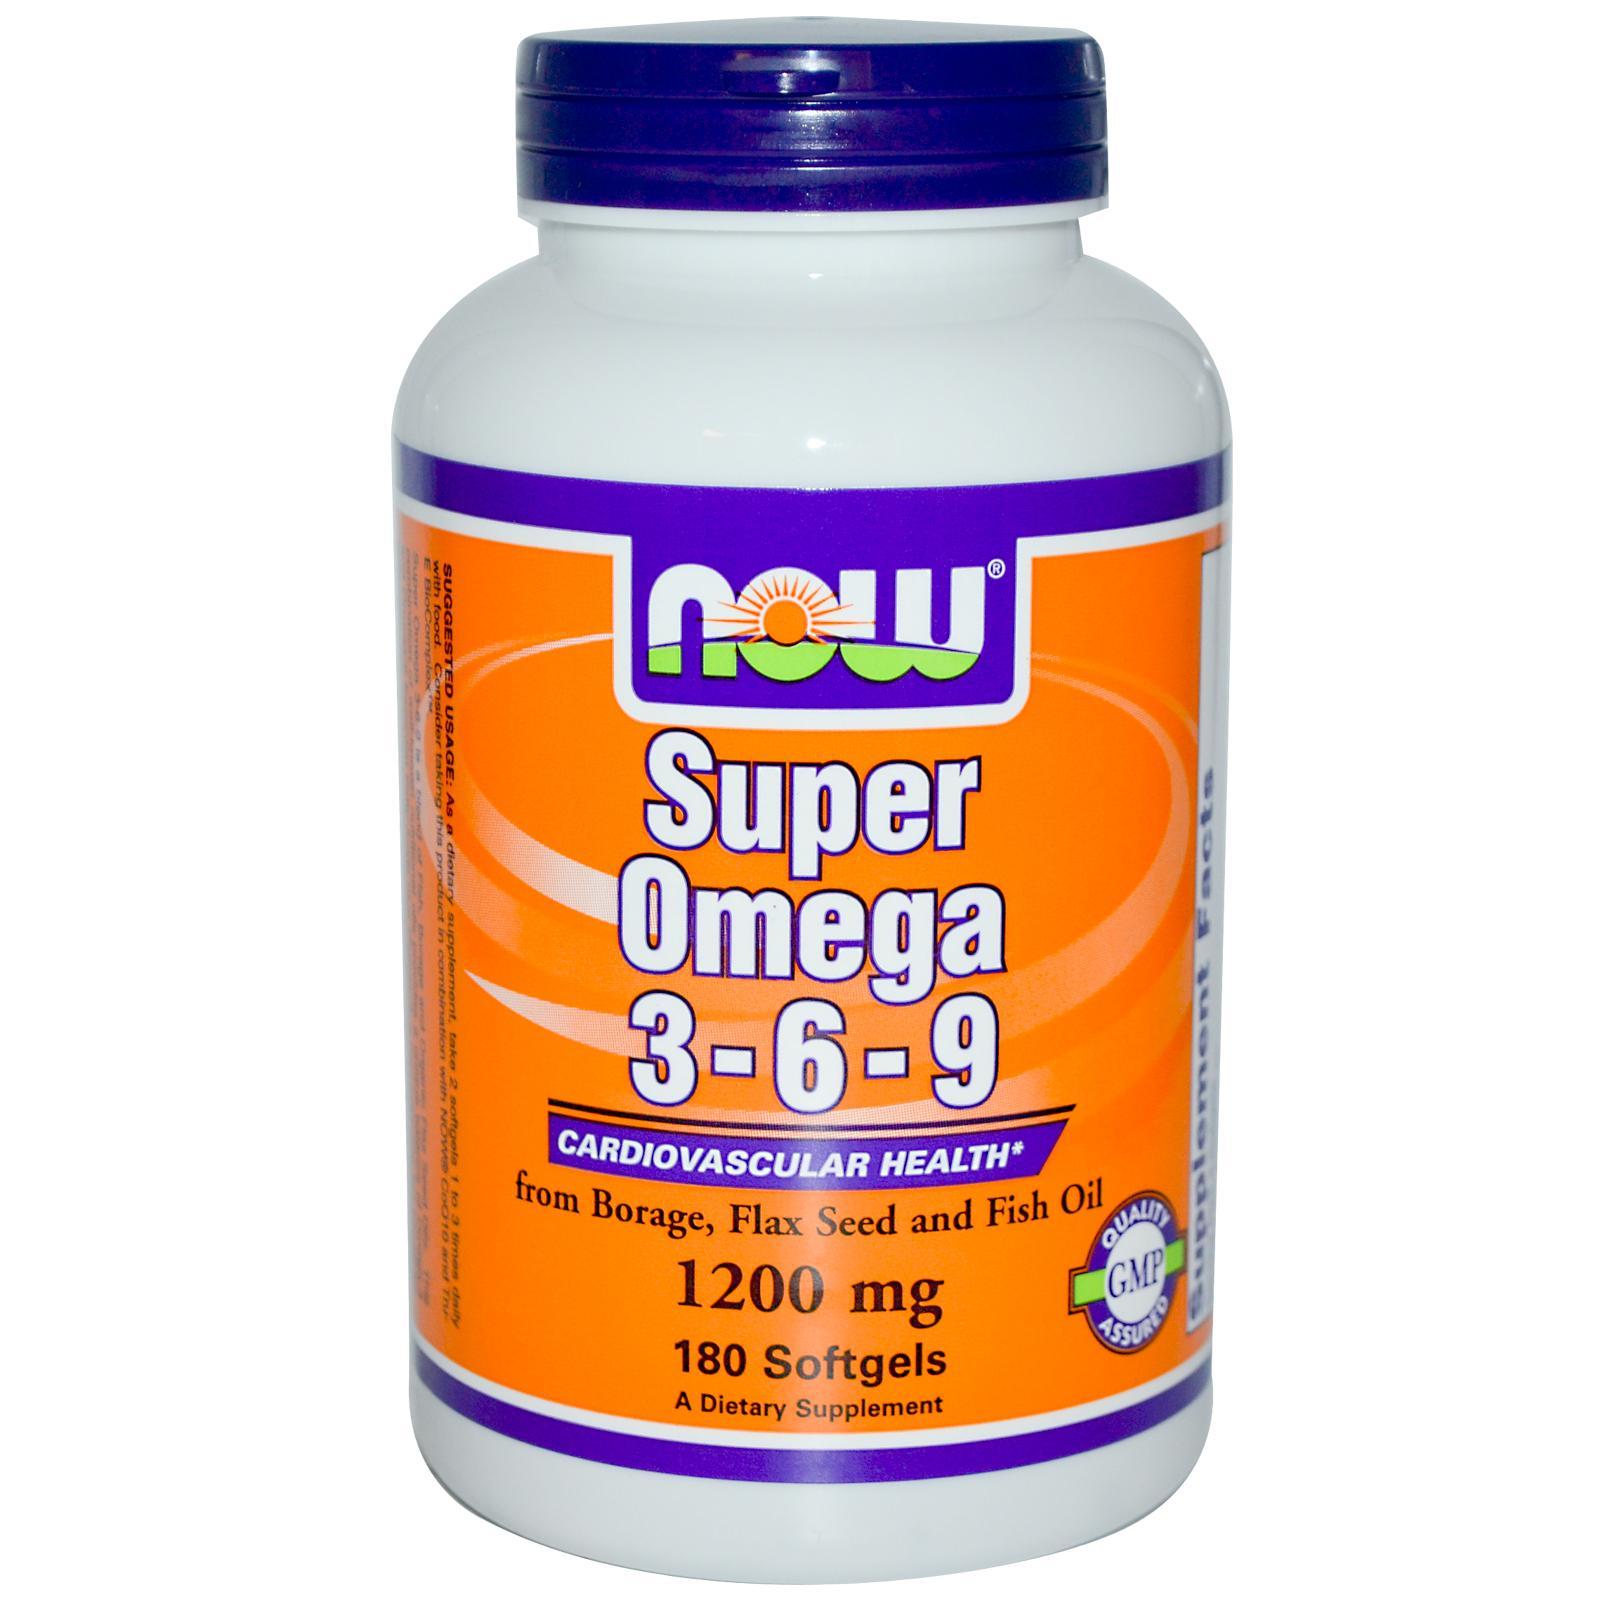 NOW FOOD Super Omega 3, 6, 9 là sự kết hợp hoàn hảo cân bằng, độc đáo giữa Omega-3, 6, 9, giúp duy trì sức khỏe tim mạch